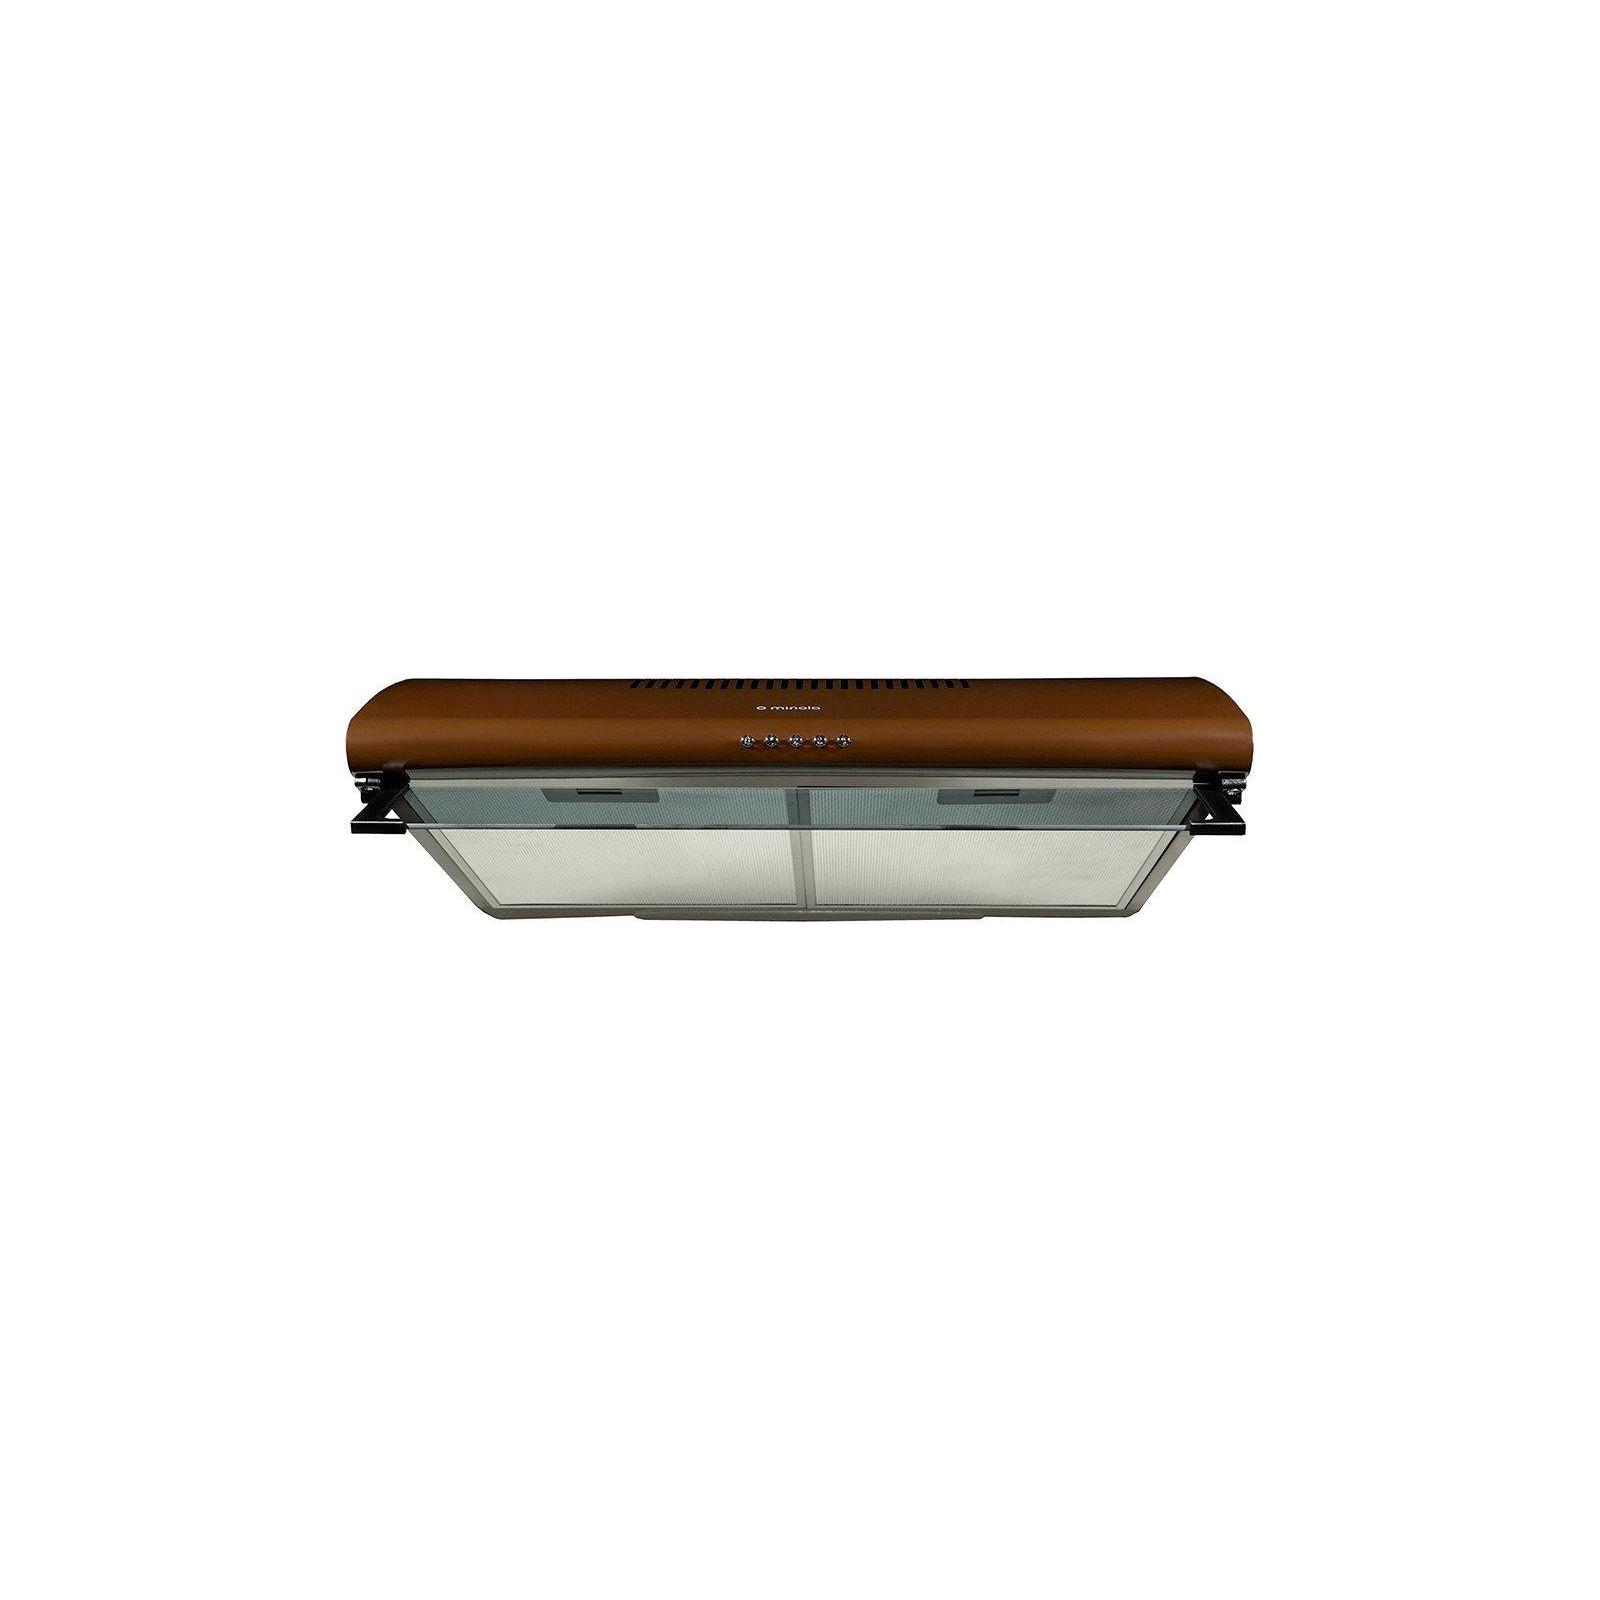 Вытяжка кухонная MINOLA HPL 6140 BR 630